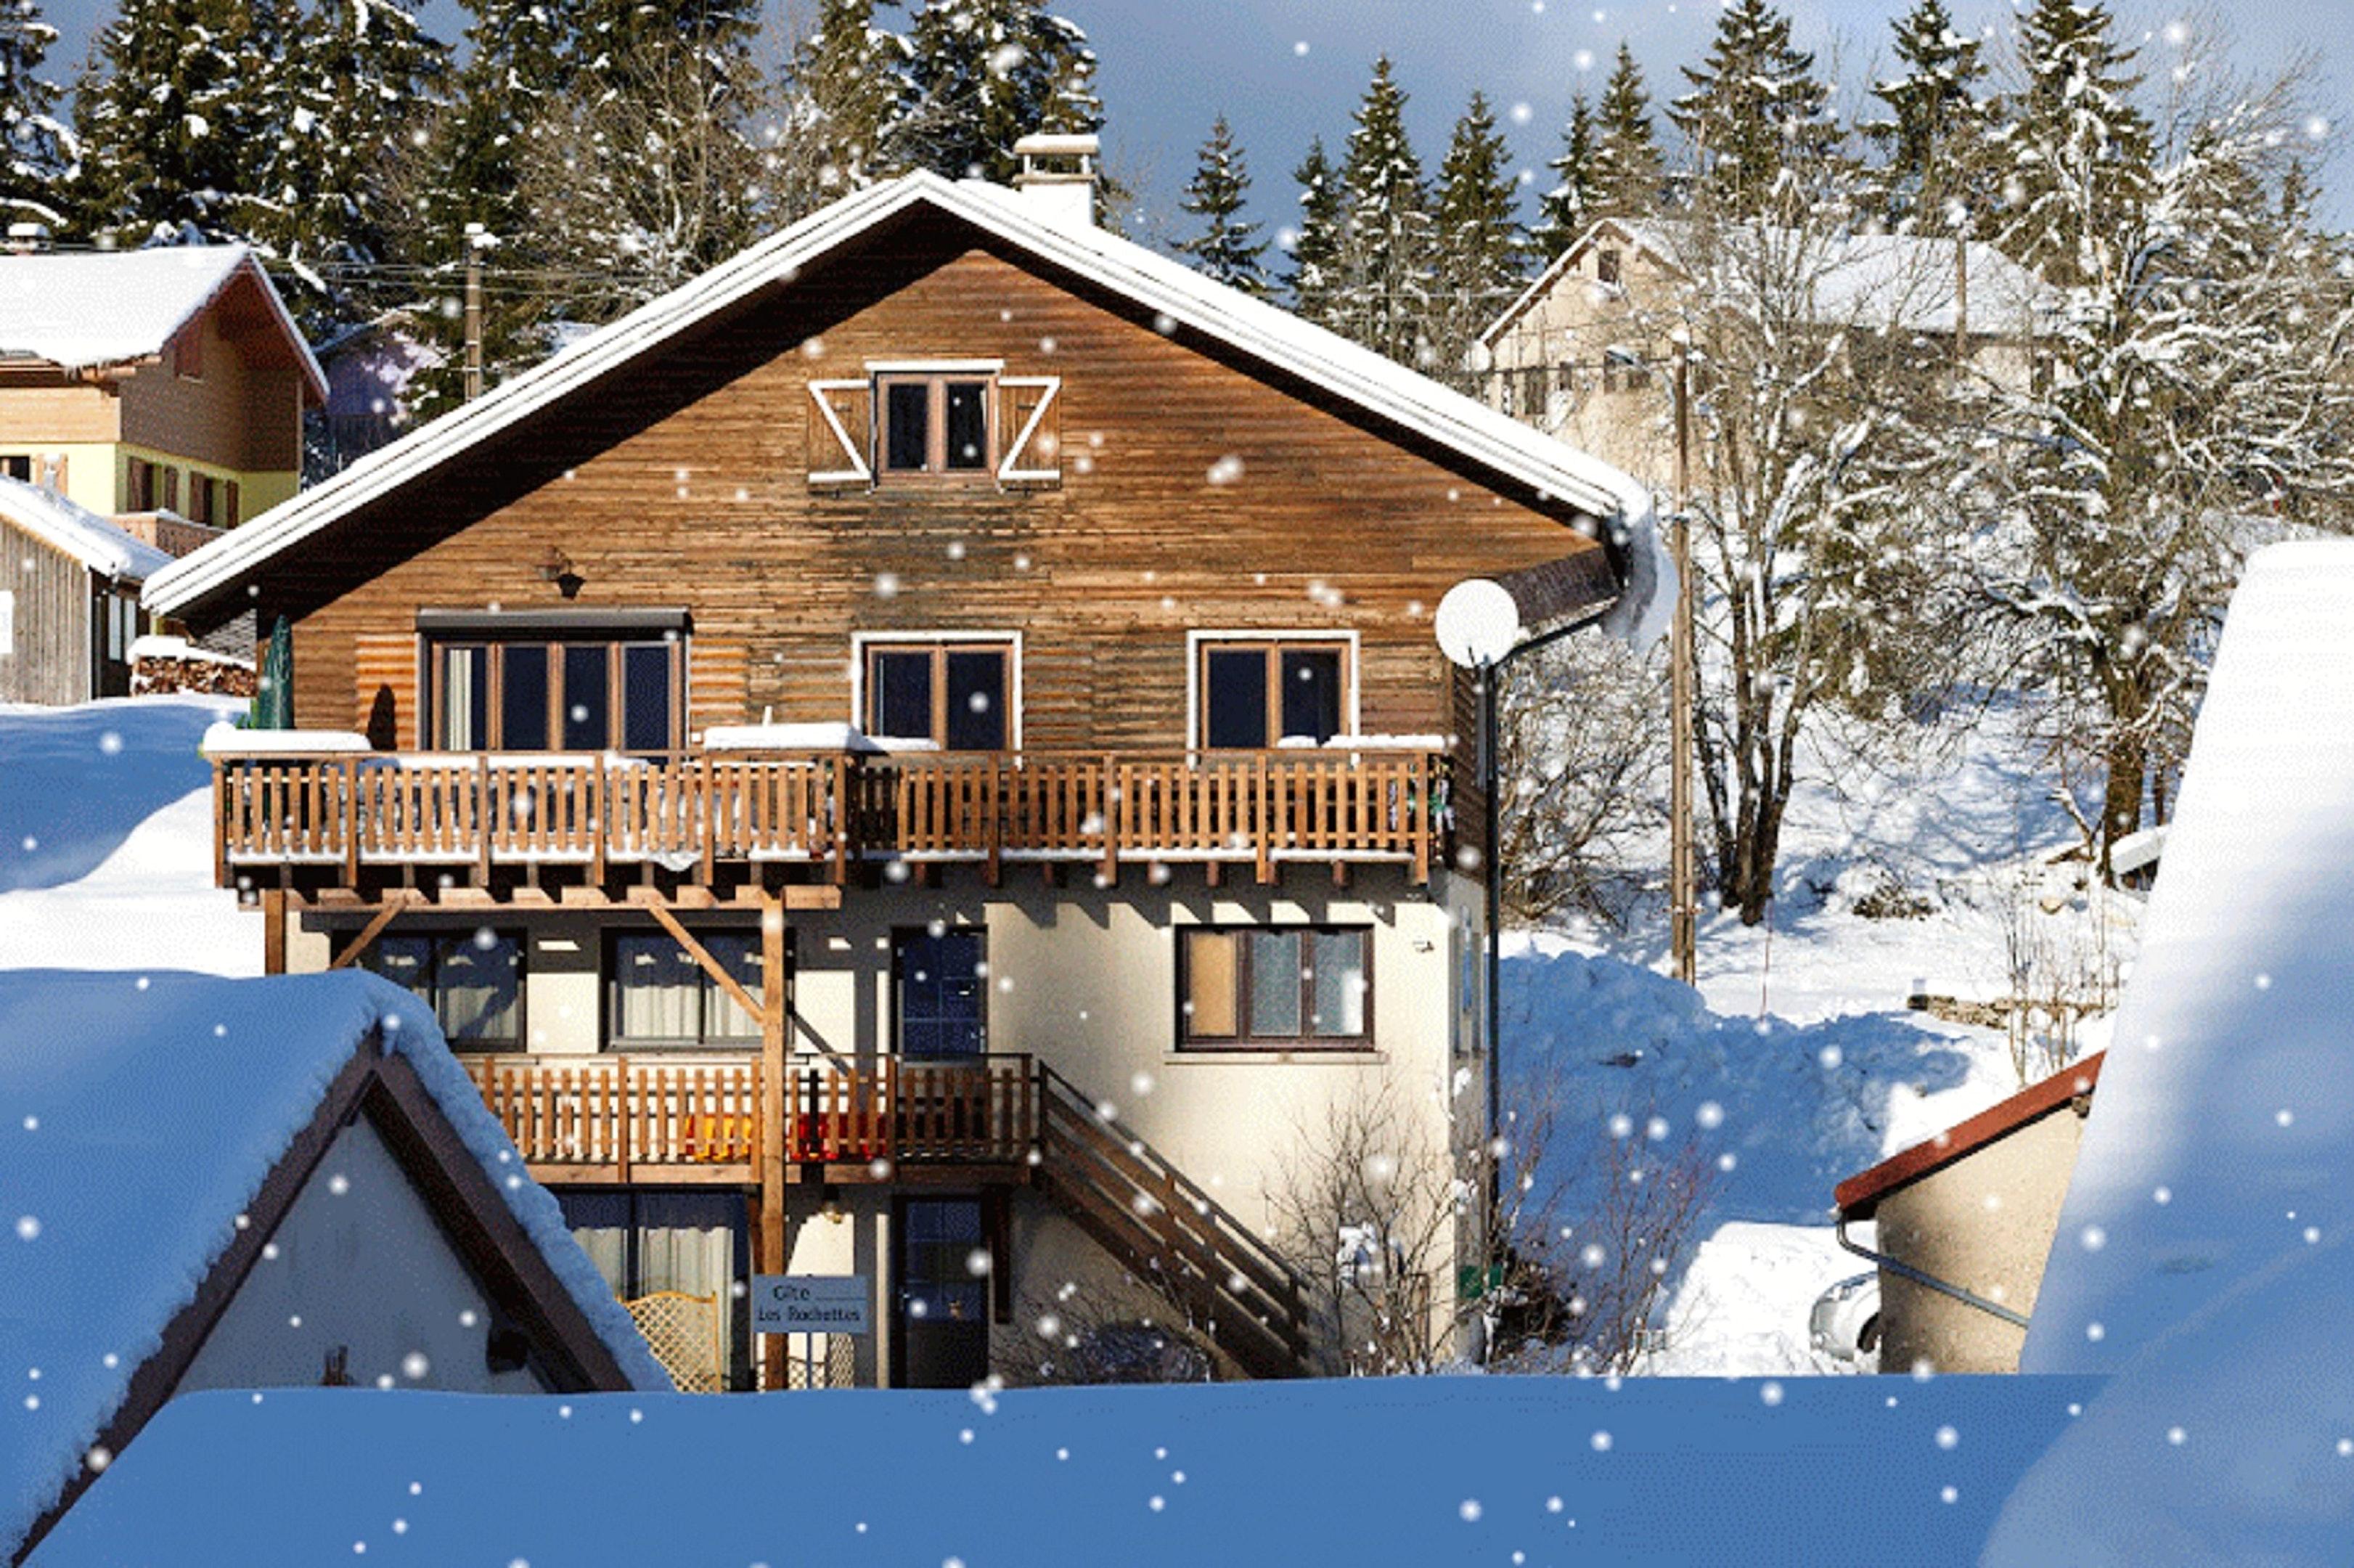 Maison de vacances Hütte mit 7 Schlafzimmern in Les Moussières mit toller Aussicht auf die Berge, möblierter  (2677371), Les Moussières, Jura, Franche-Comté, France, image 2